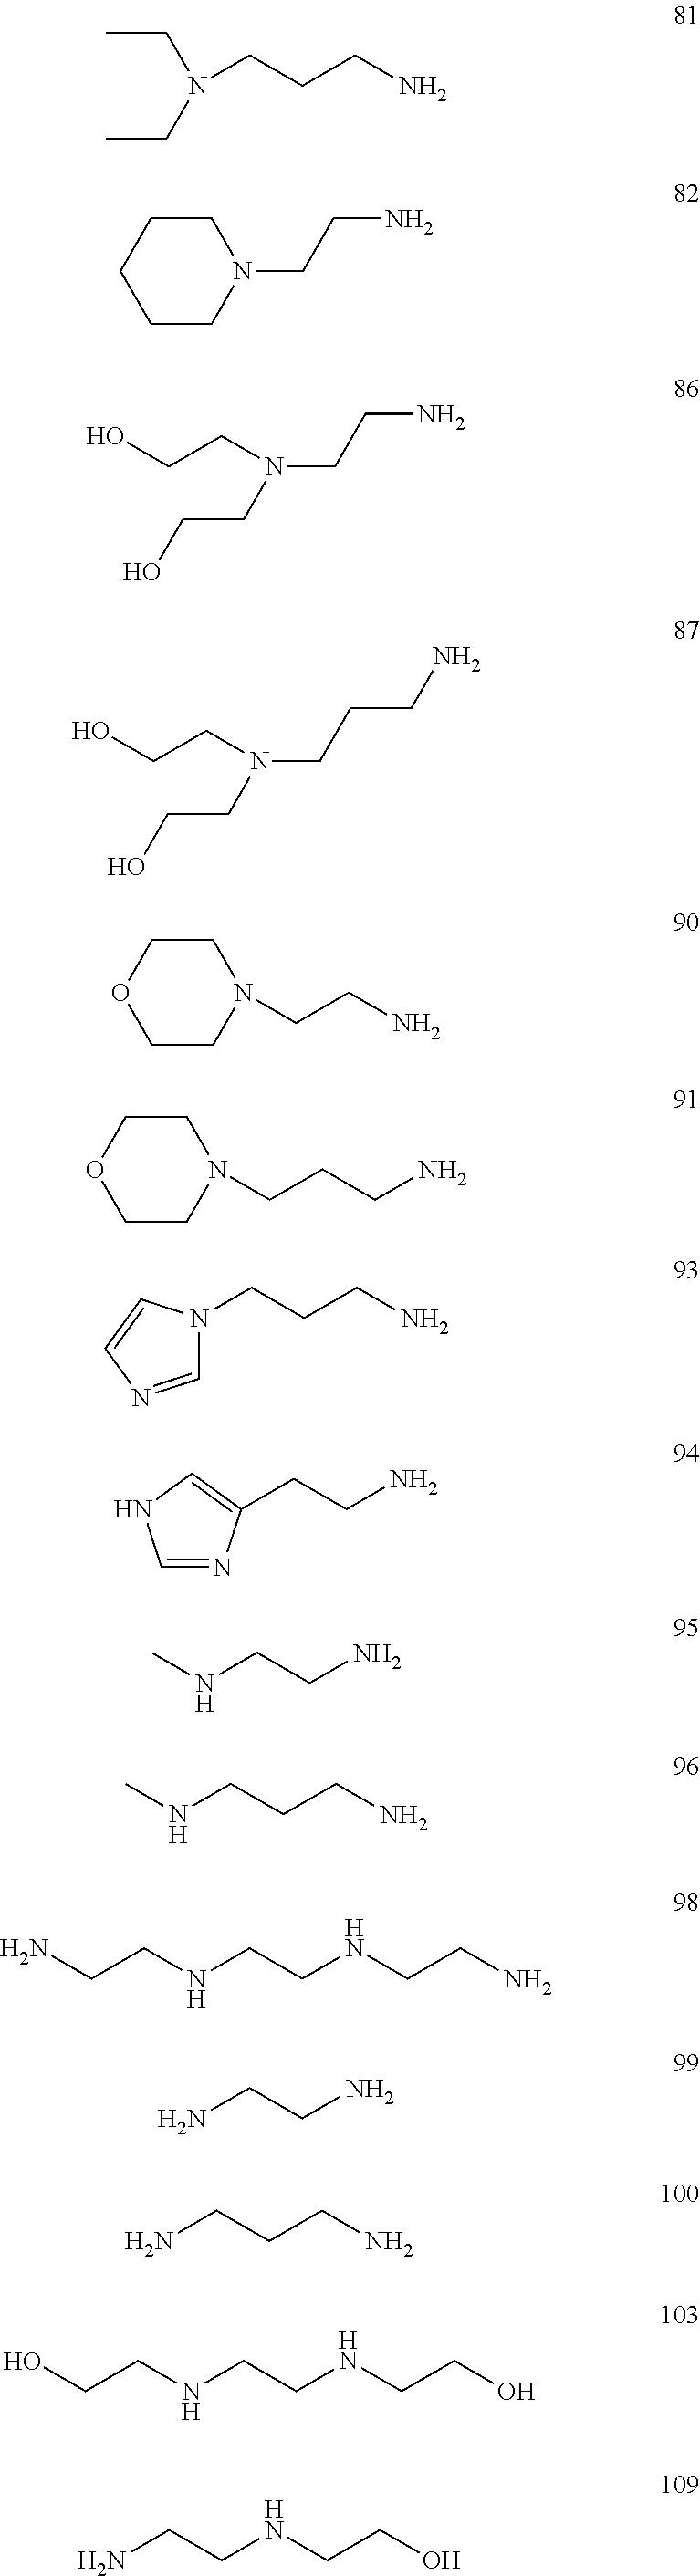 Figure US20110009641A1-20110113-C00282